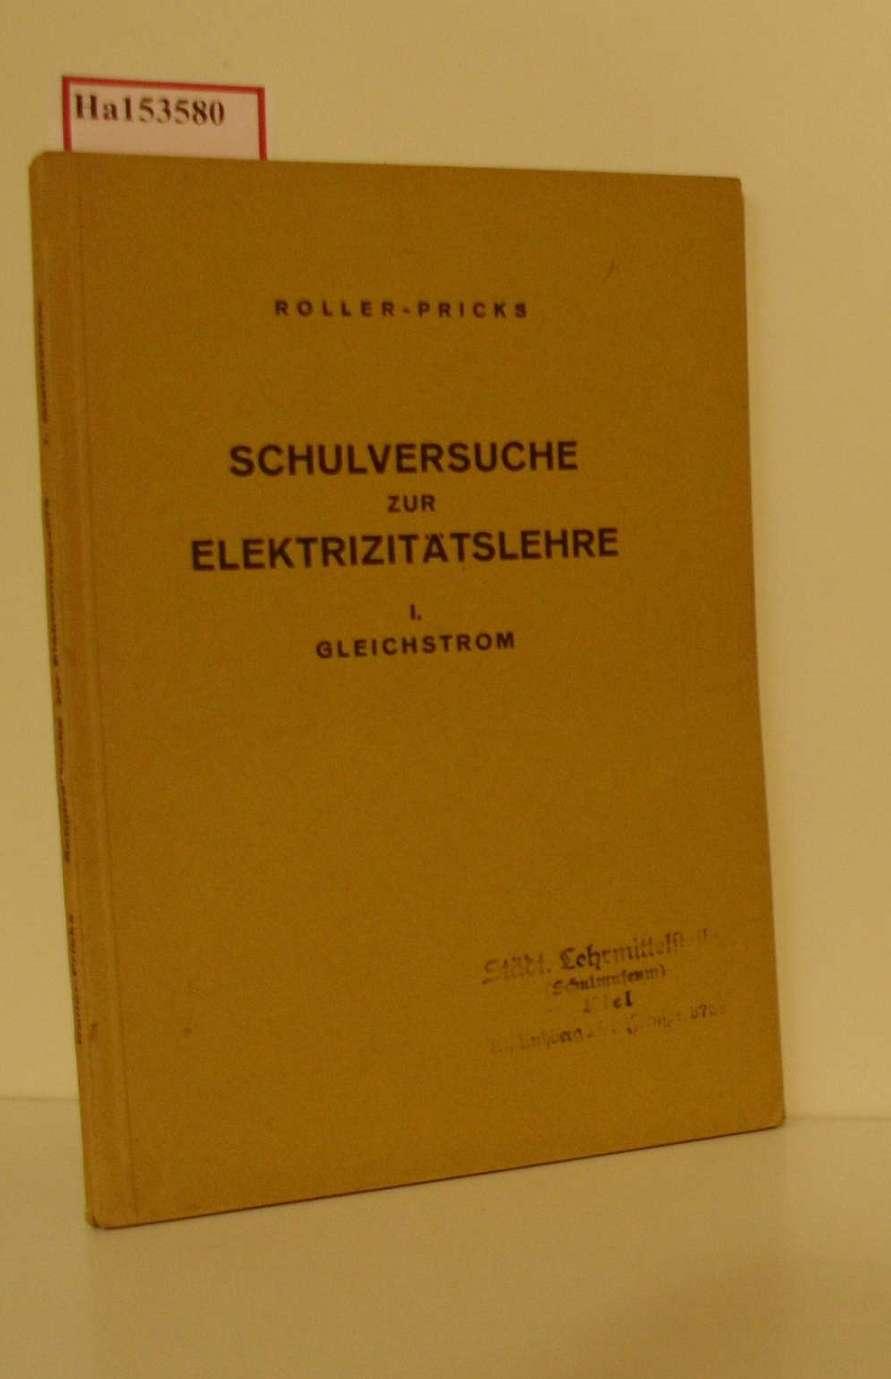 Schulversuche zur Elektrizitätslehre I. Gleichstrom.